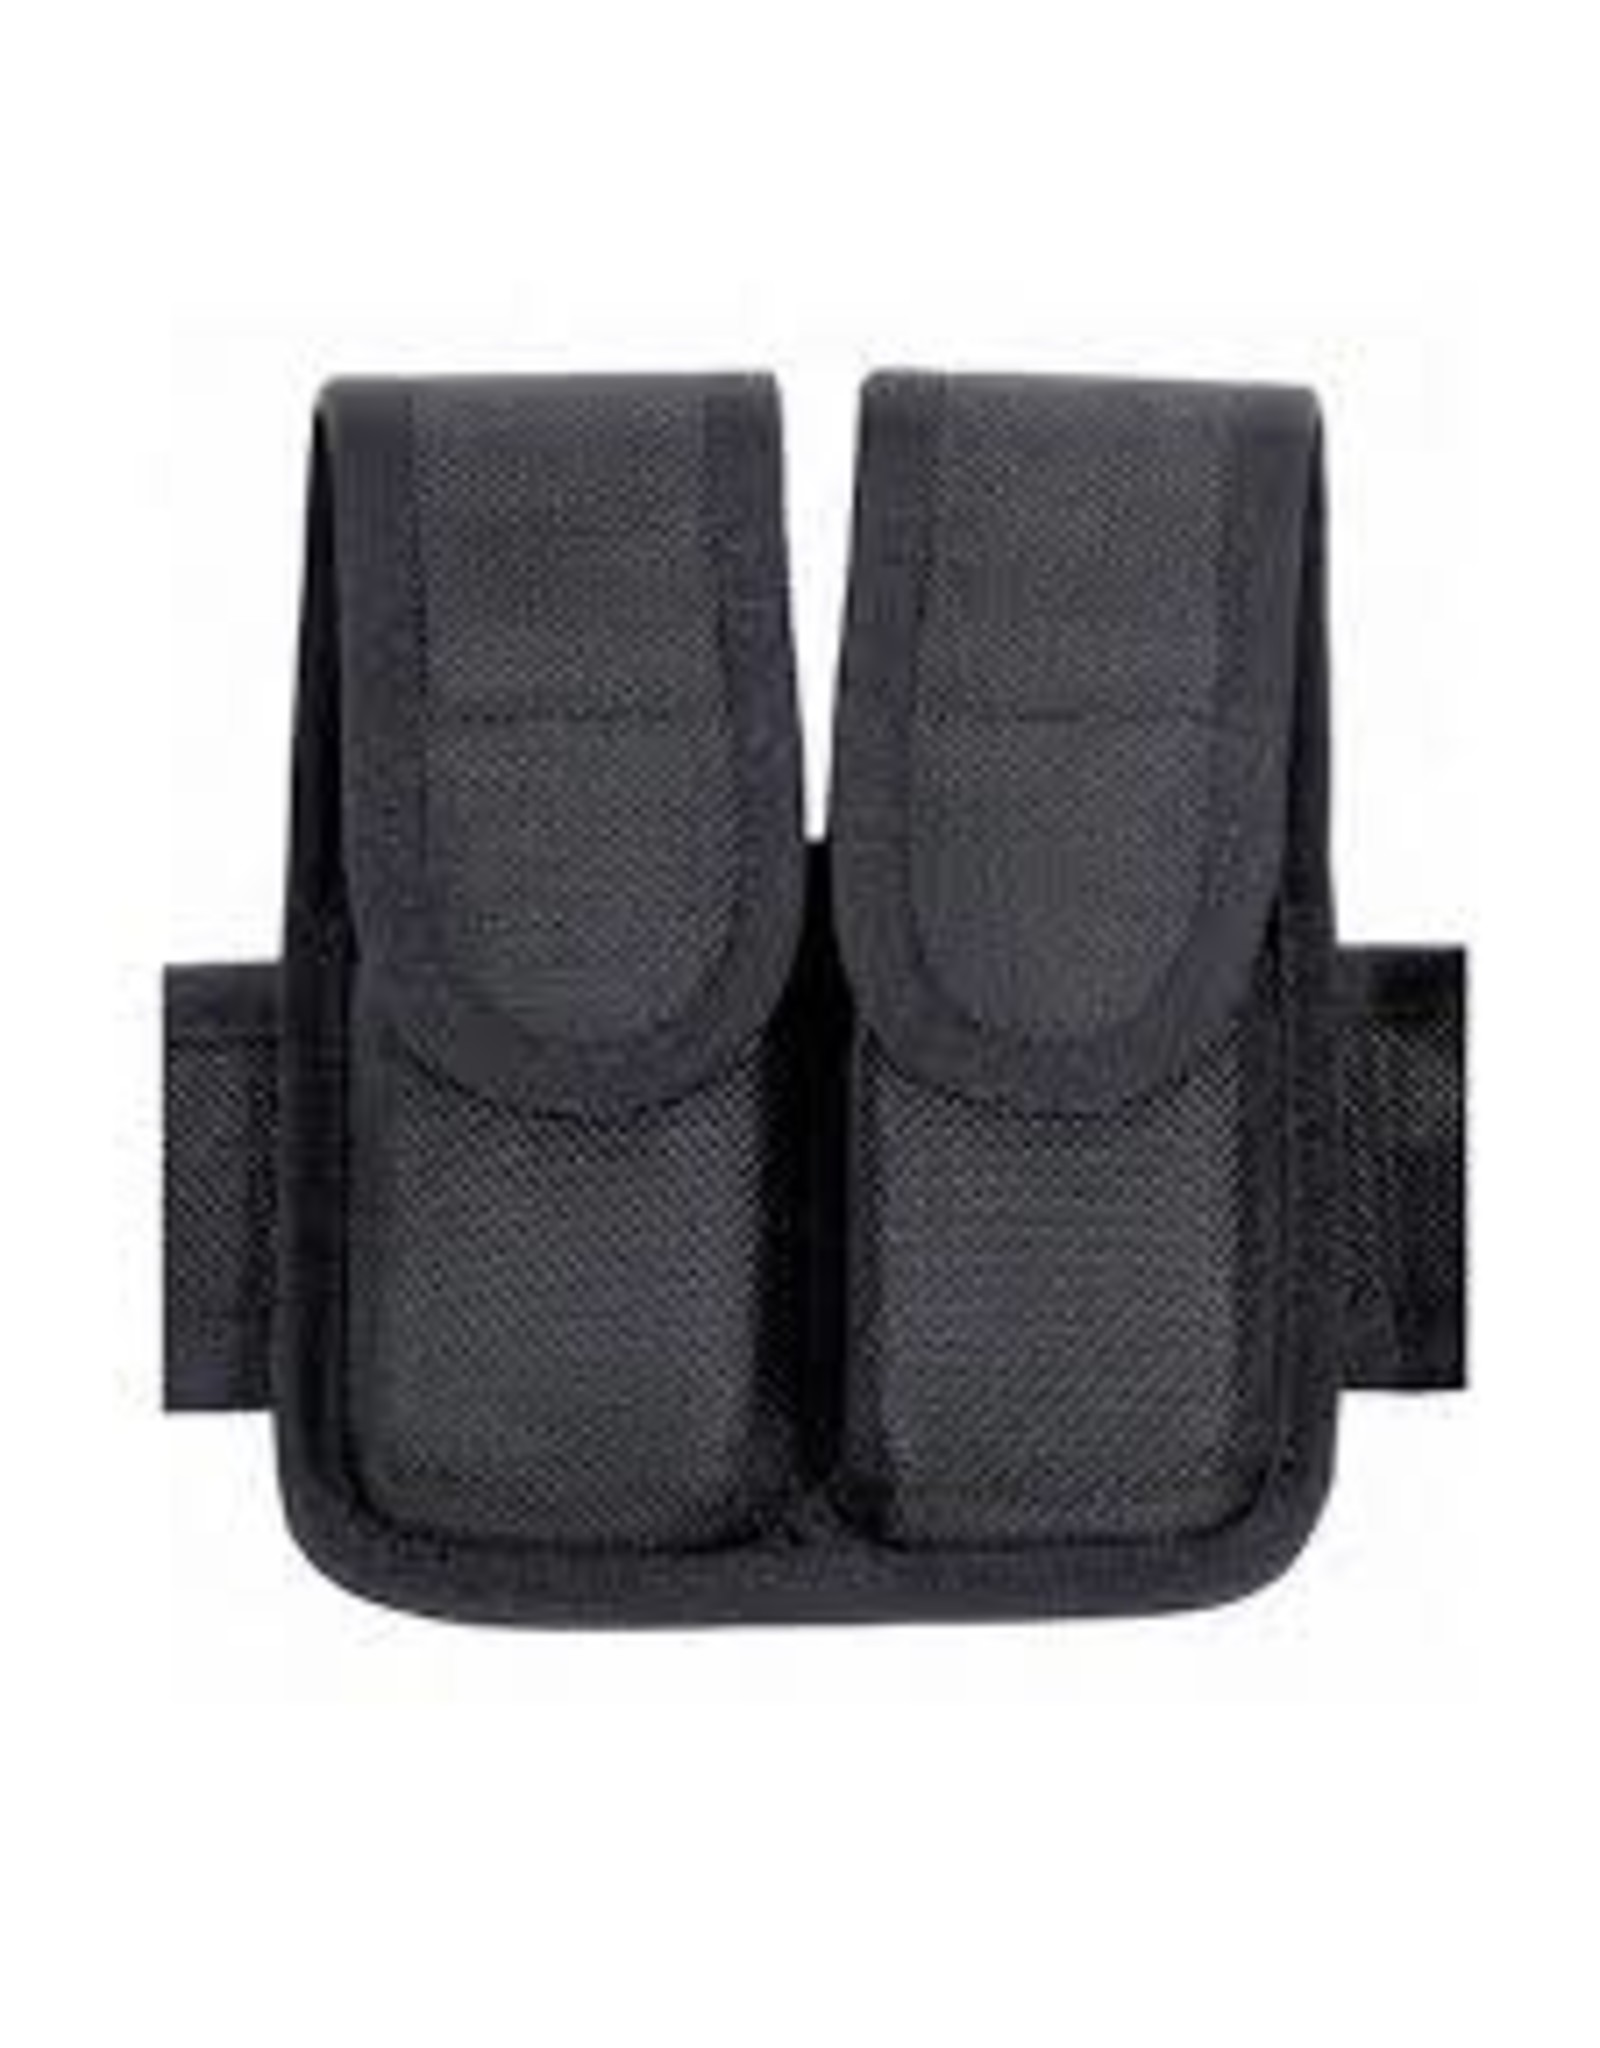 BLACKHAWK! Blackhawk Cordura Double Mag Pouch 9mm/40 Cal Black